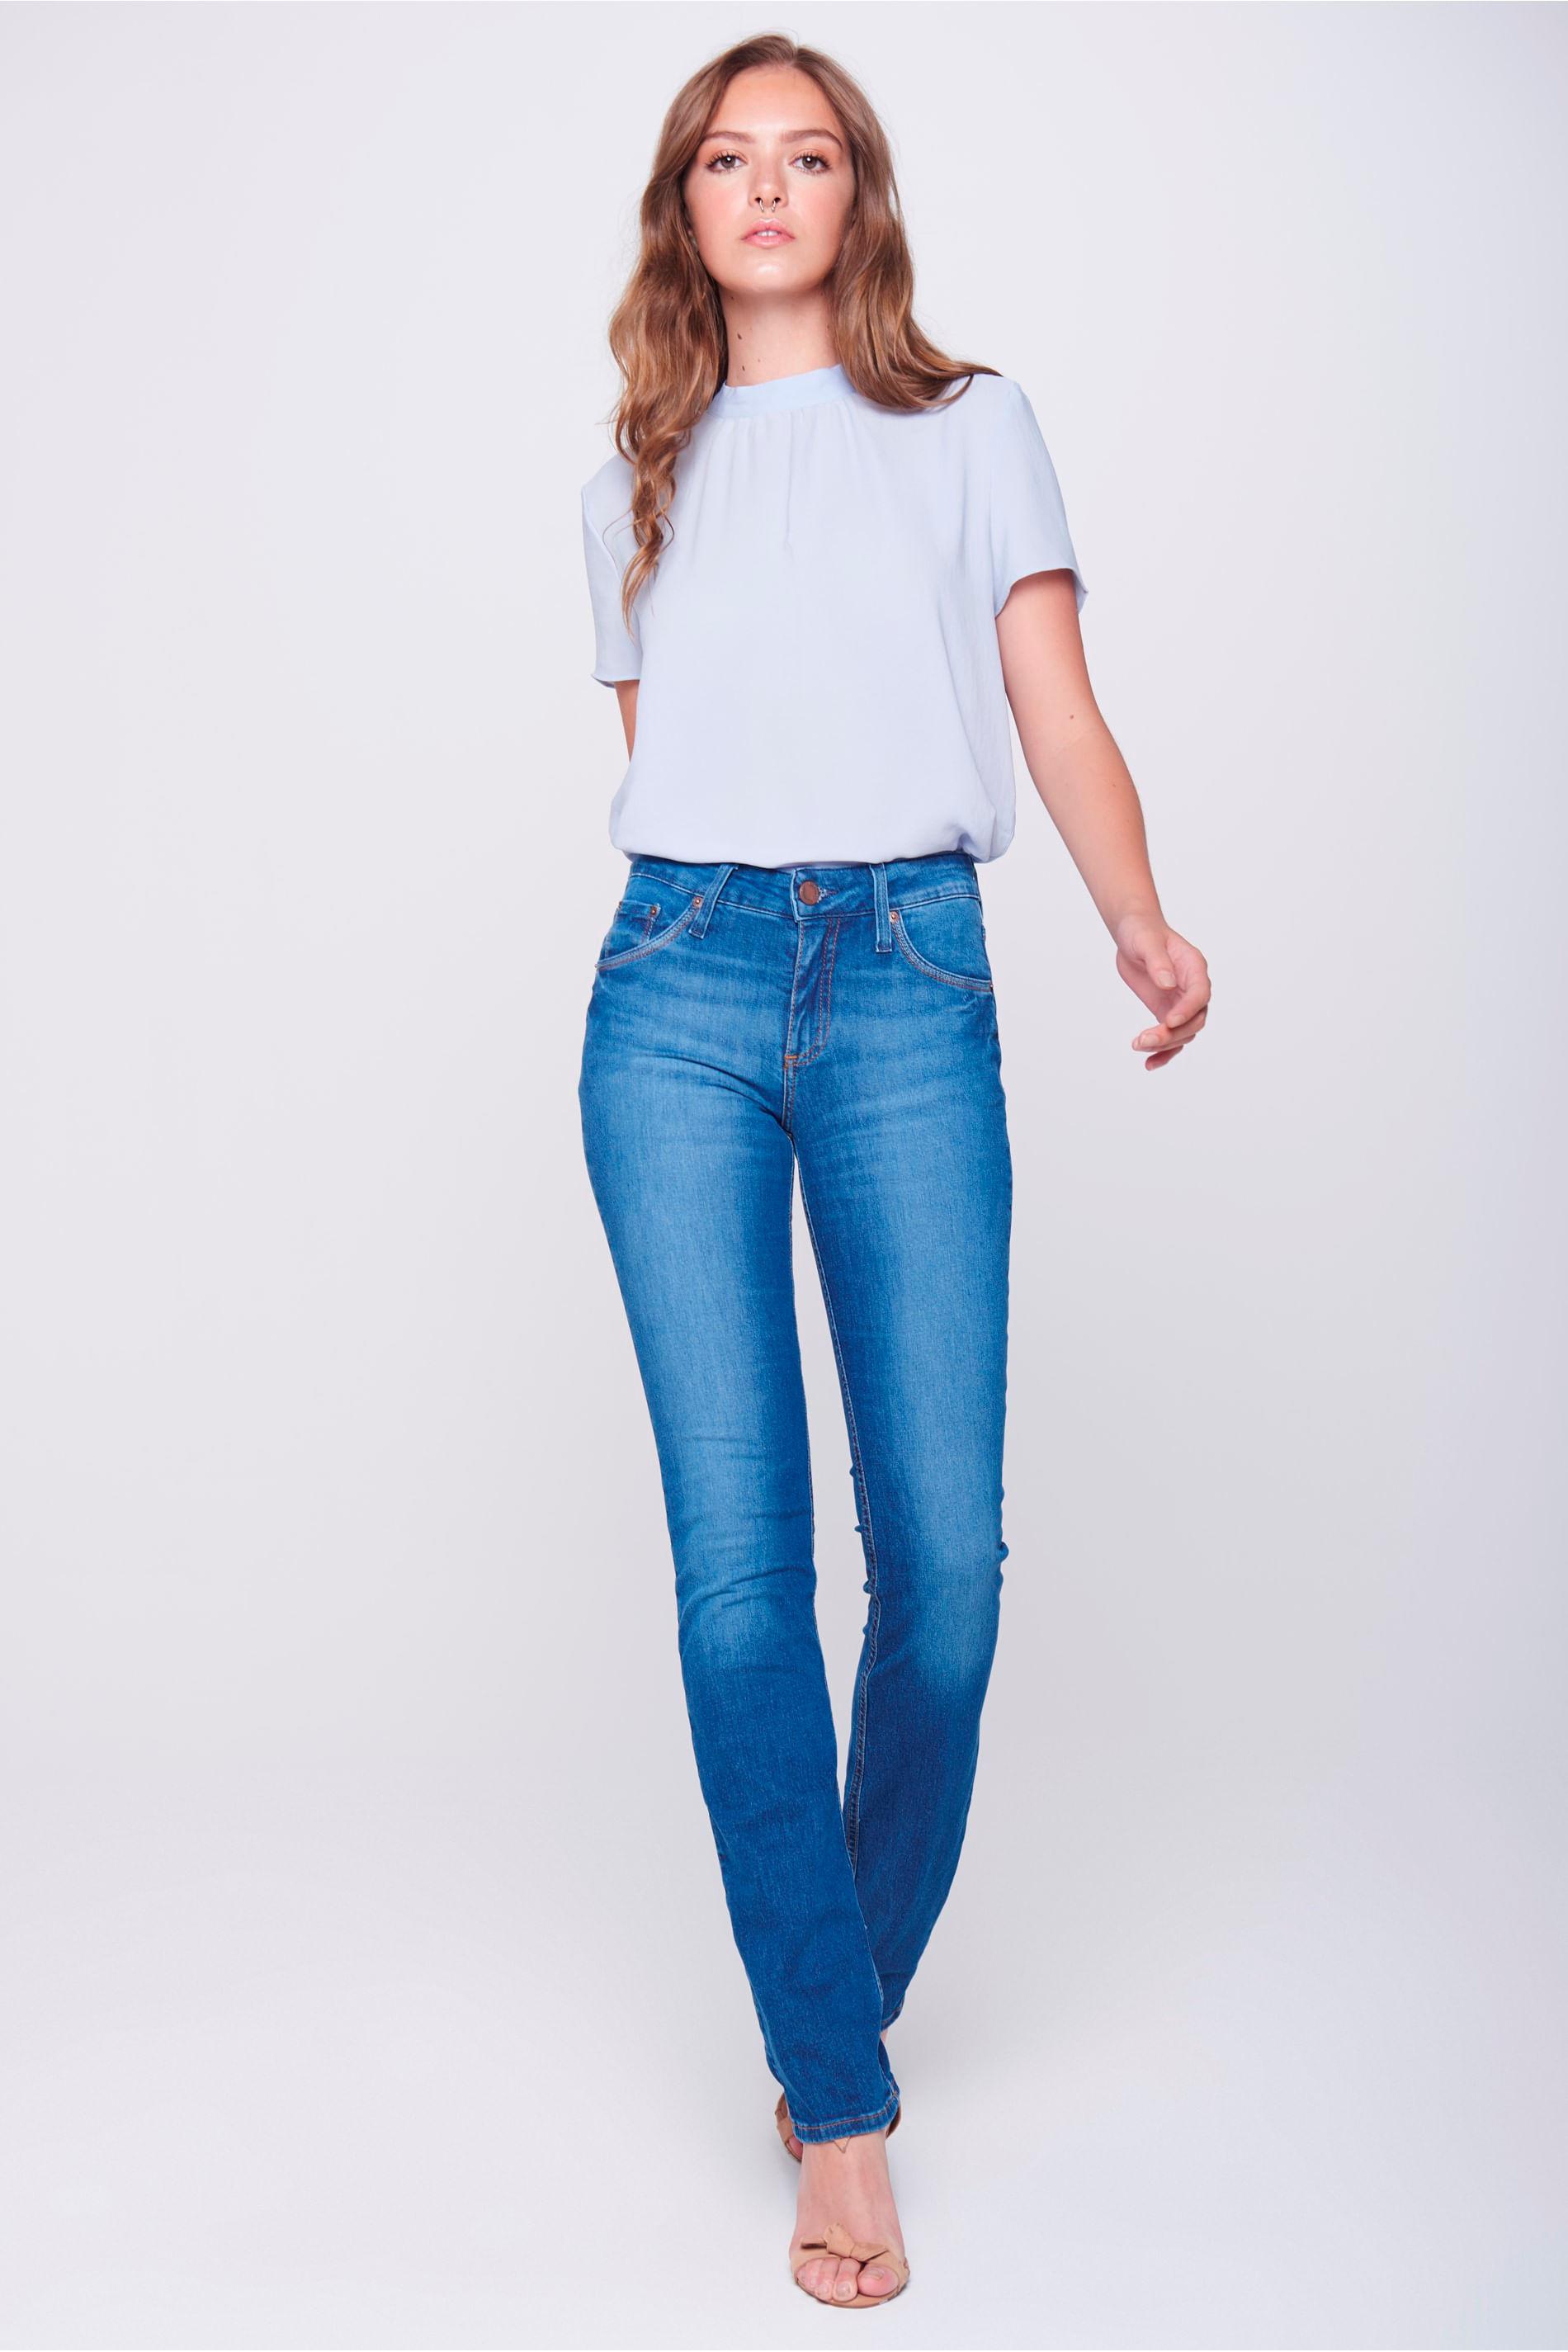 Calça Jeans Reta com Detalhe nos Bolsos - Damyller cb10c4bd214